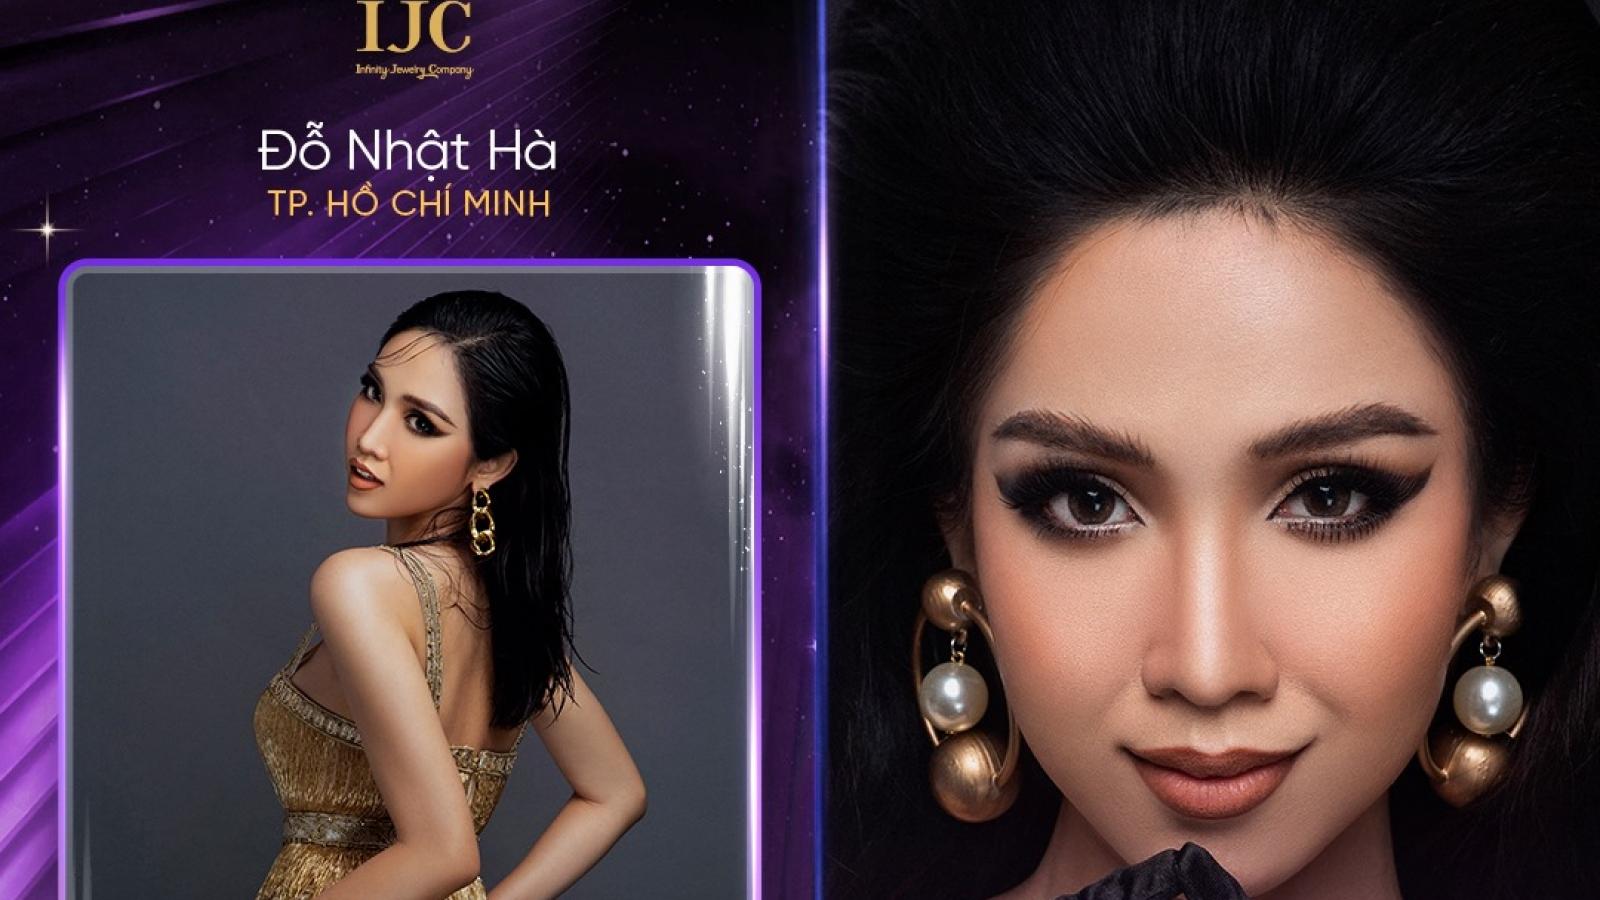 Dàn hoa khôi, á khôi đổ bộ cuộc thi ảnh online Hoa hậu Hoàn vũ Việt Nam 2021